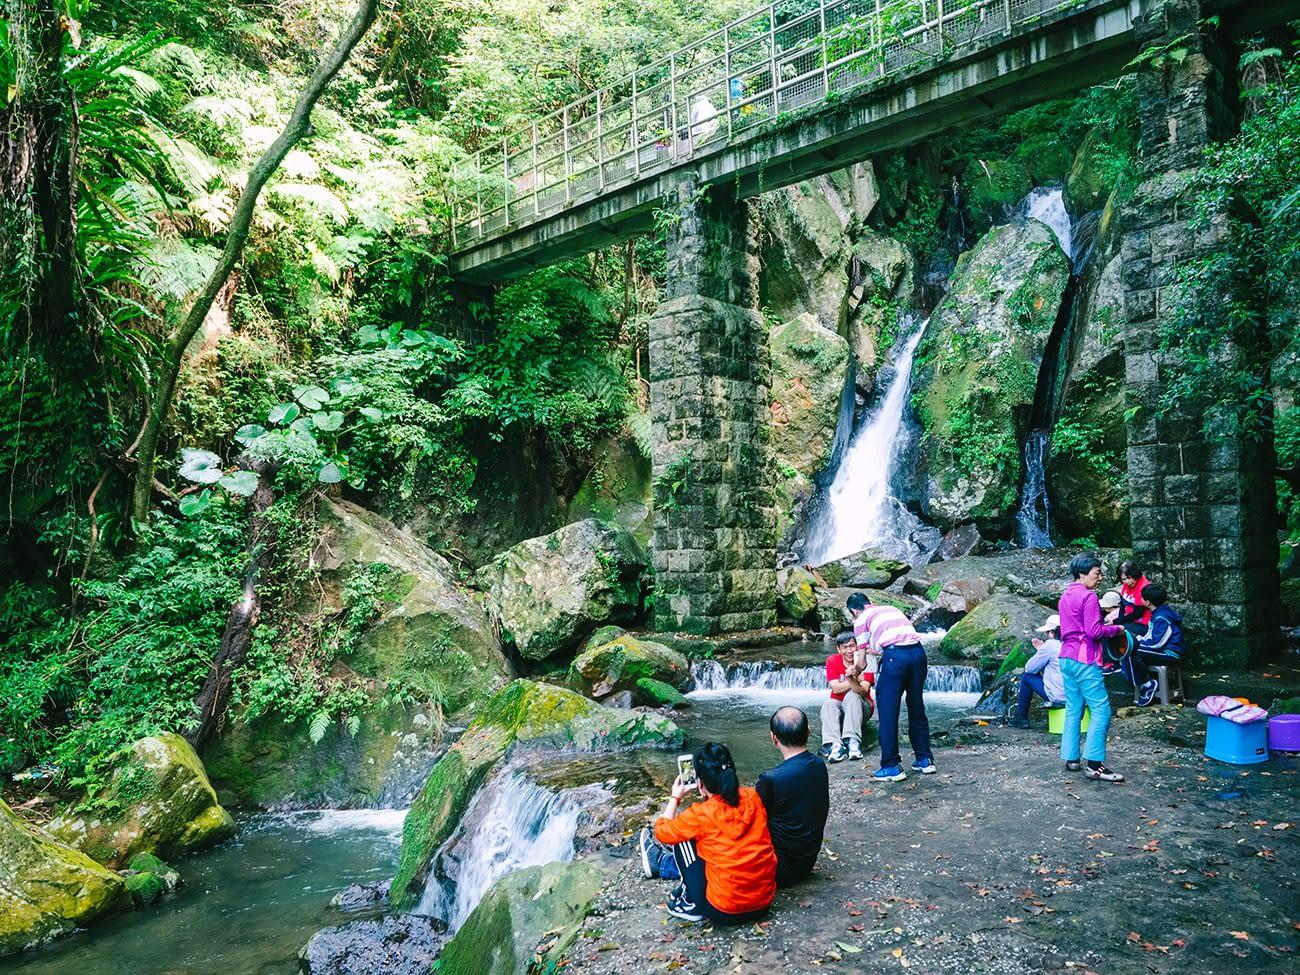 Yangmingshan - Enjoying the waterfall